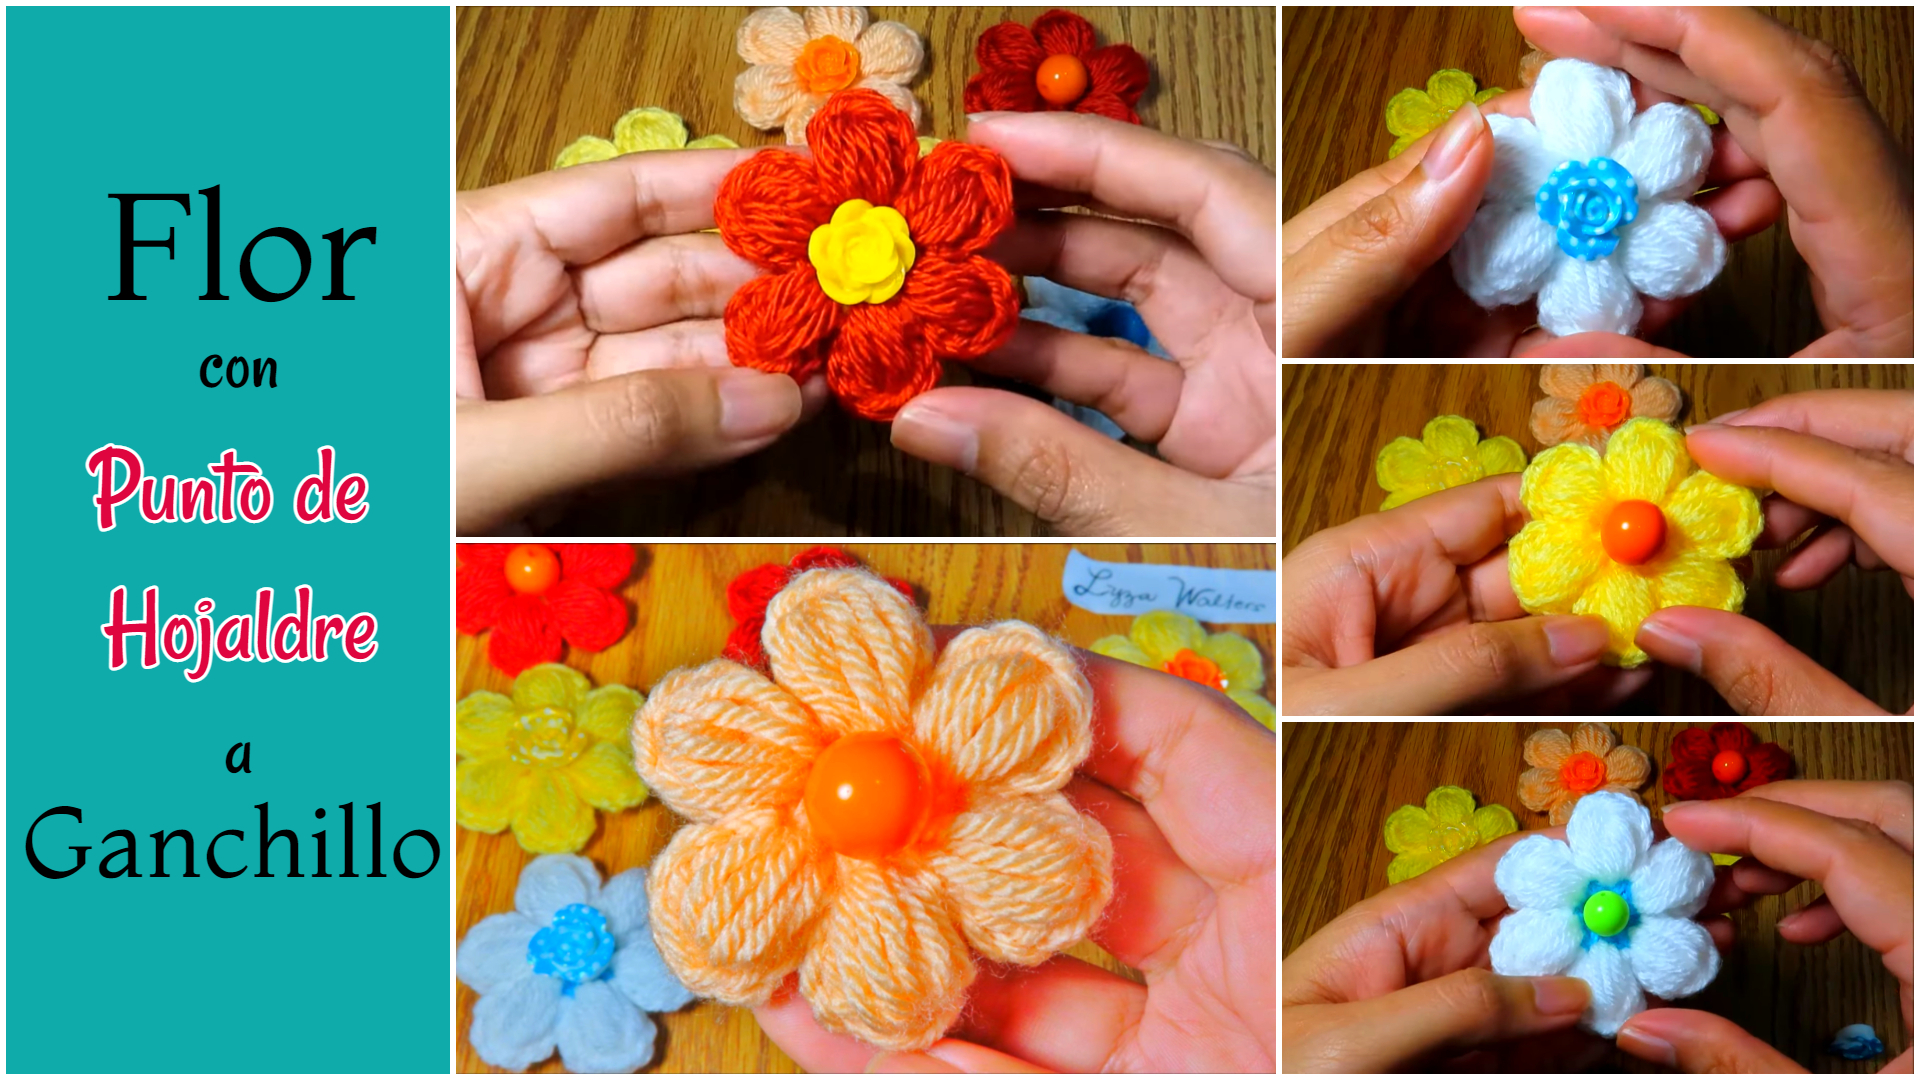 Flor con Punto de Hojaldre a Ganchillo